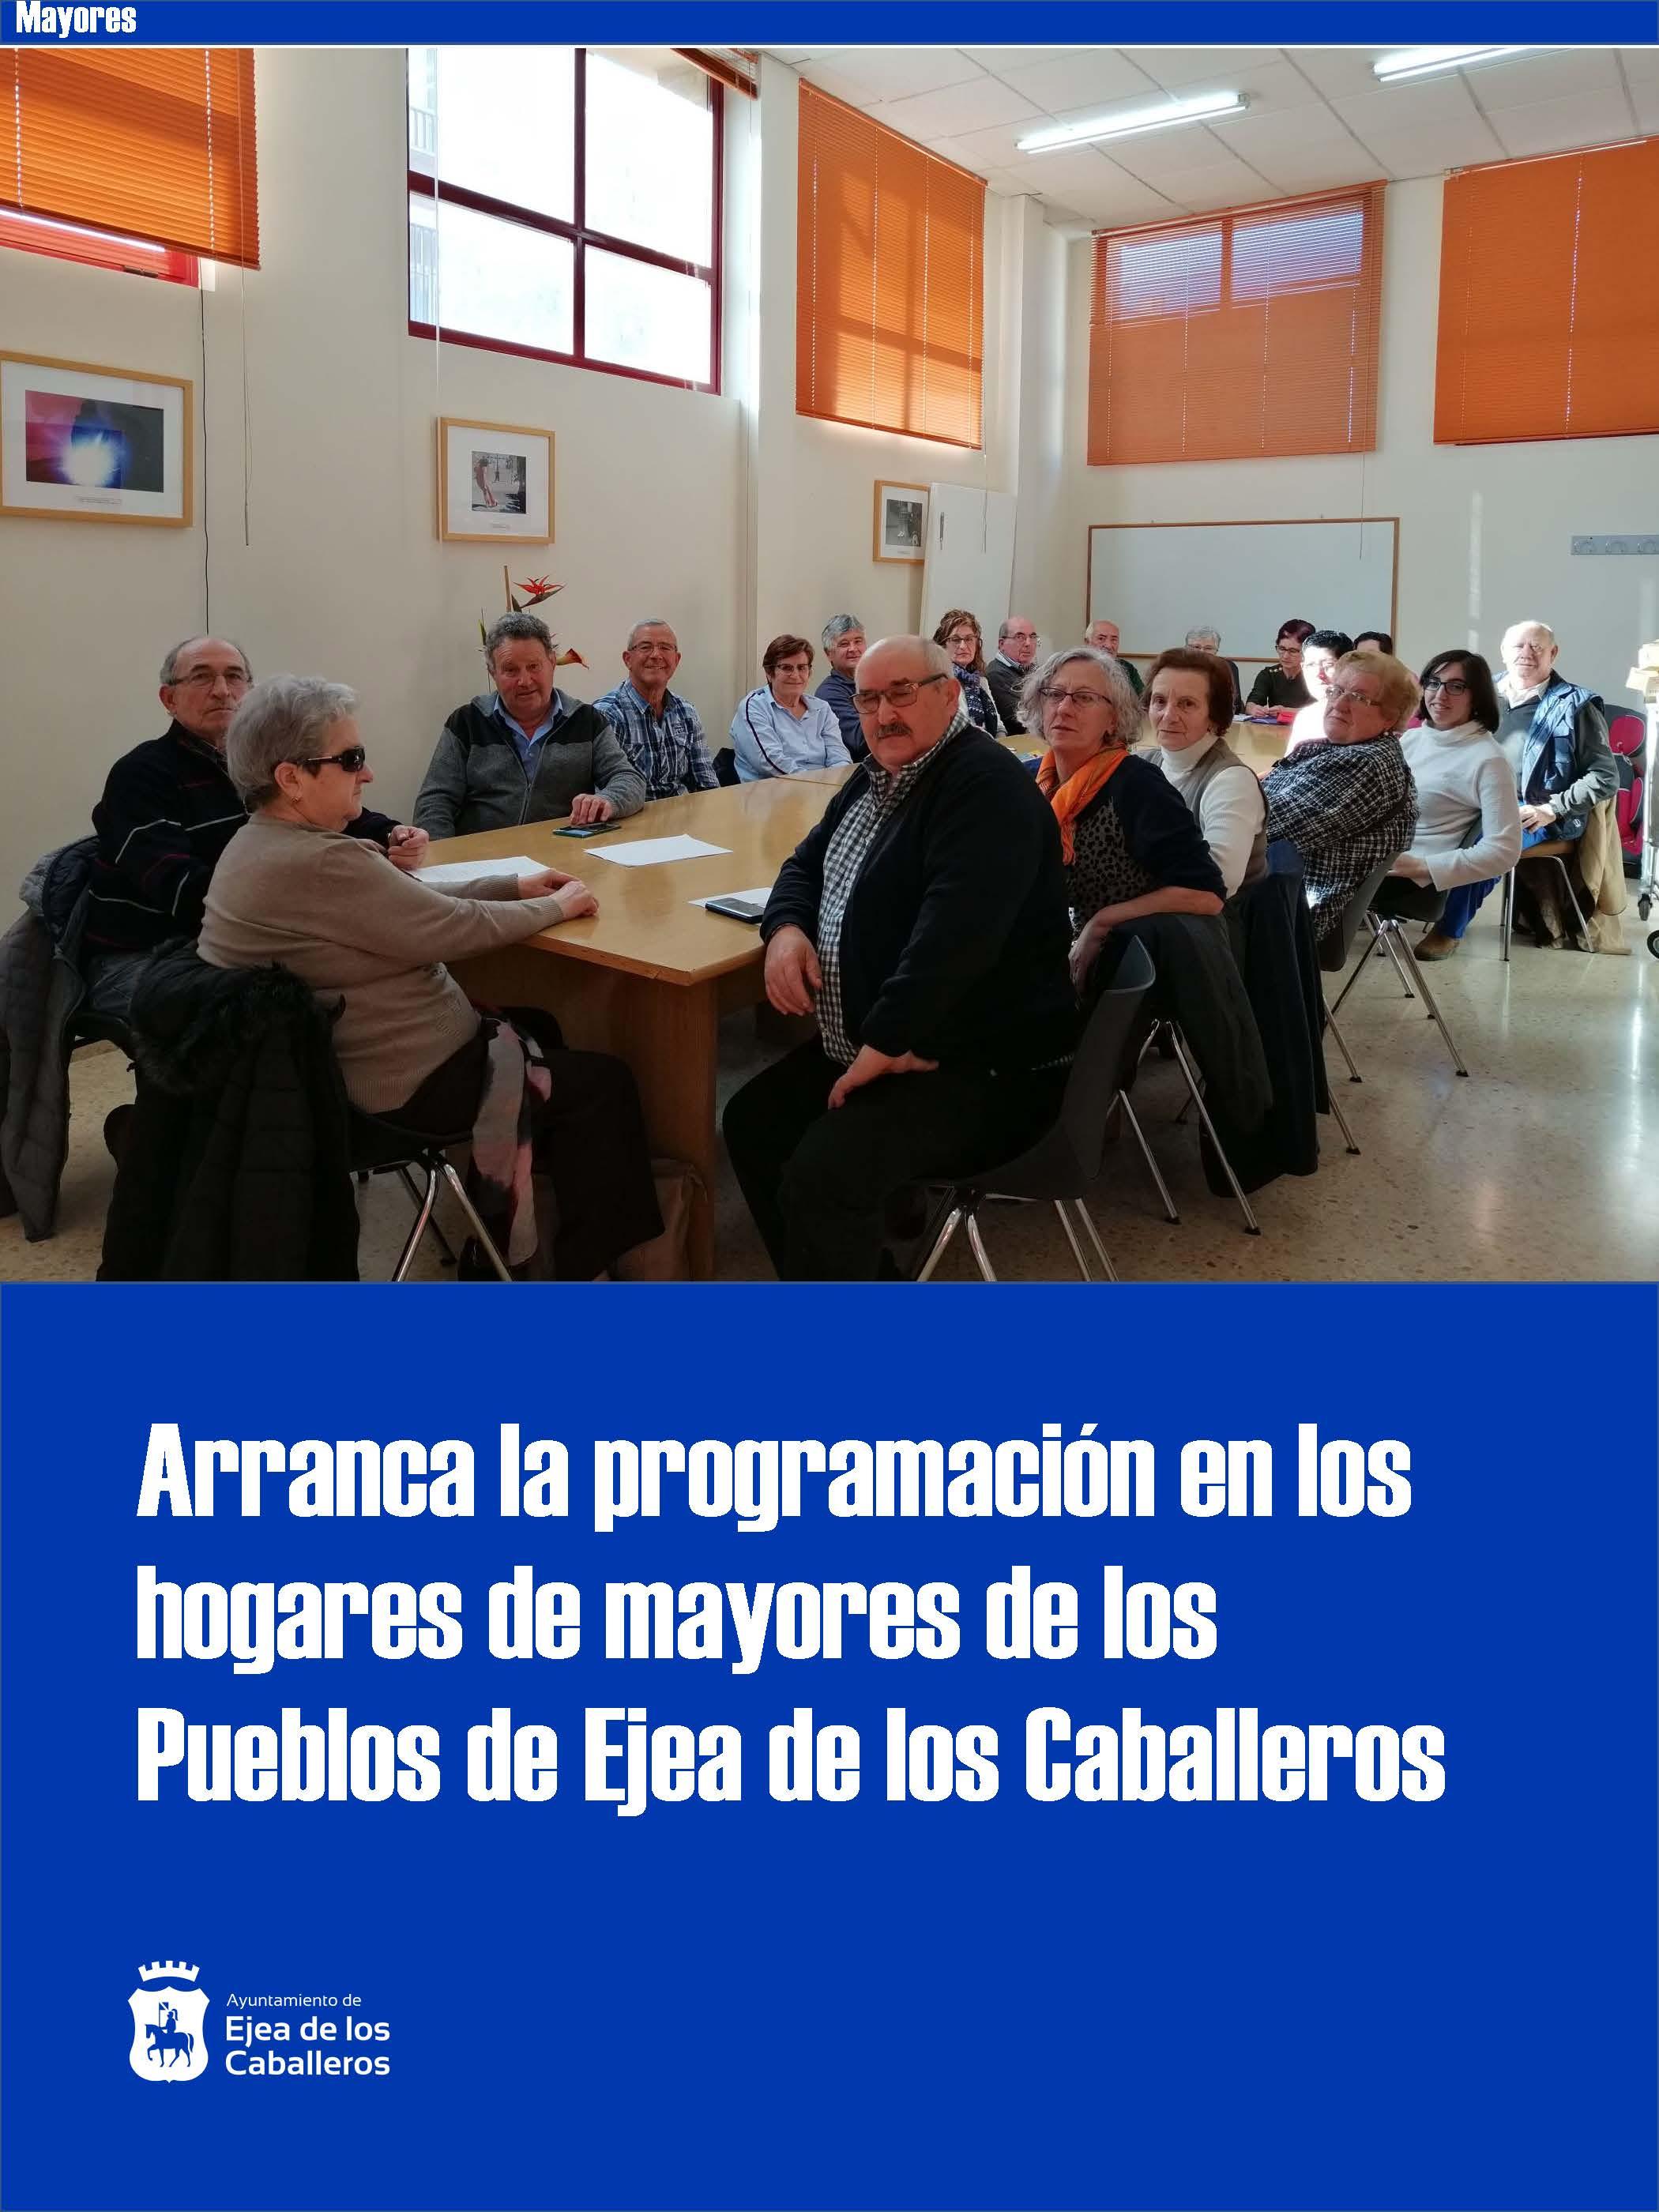 En marcha el programa de actividades para mayores en los Pueblos de Ejea de los Caballeros